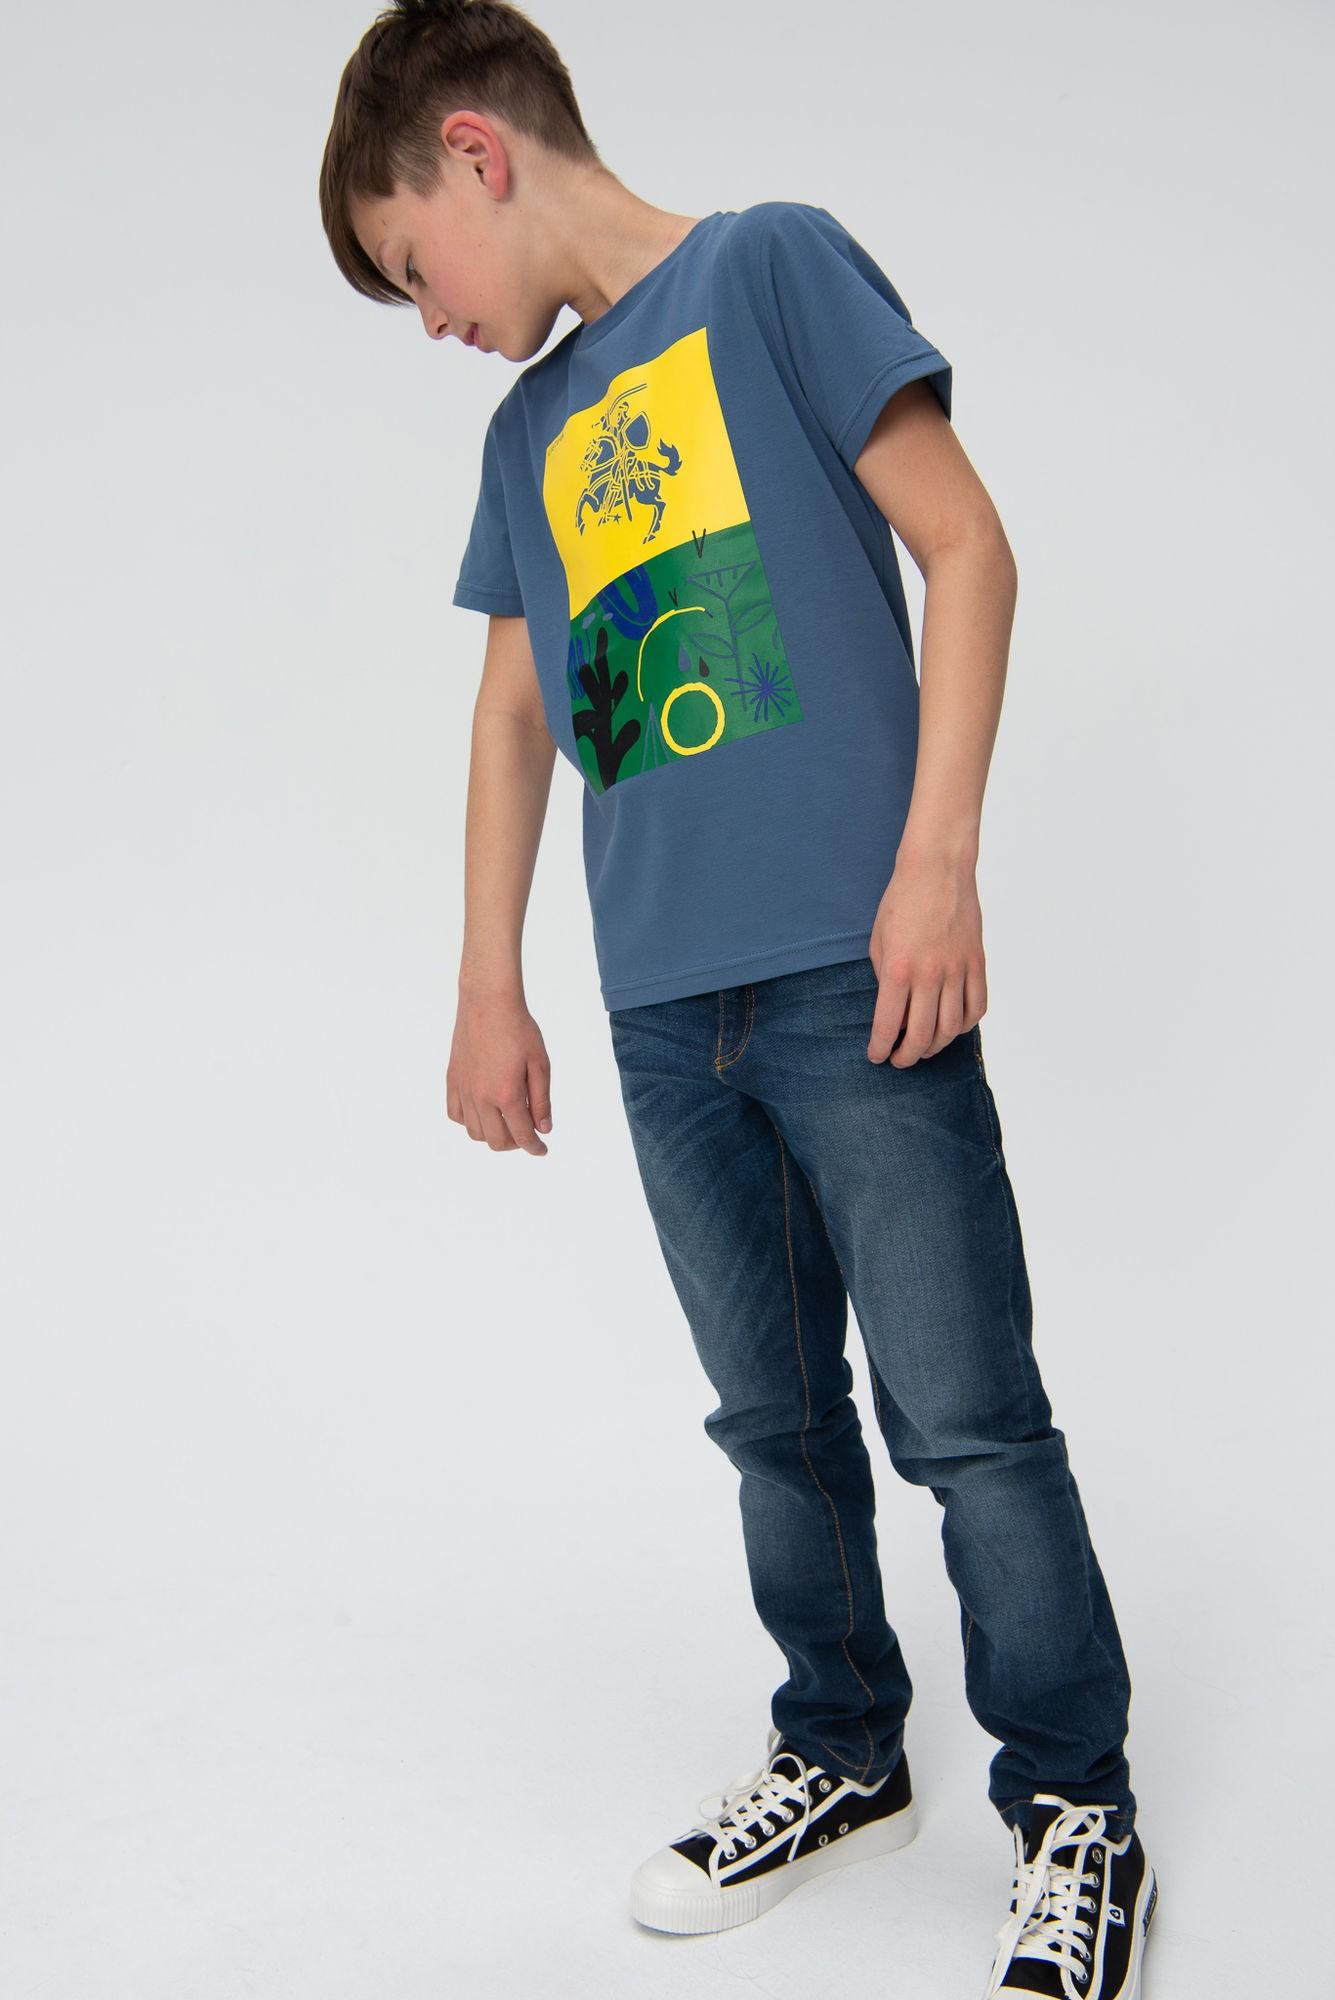 AUDIMAS Marškinėliai trumpomis rankovėmis 20HR-035 Vytis3/Bering Sea Printed 140